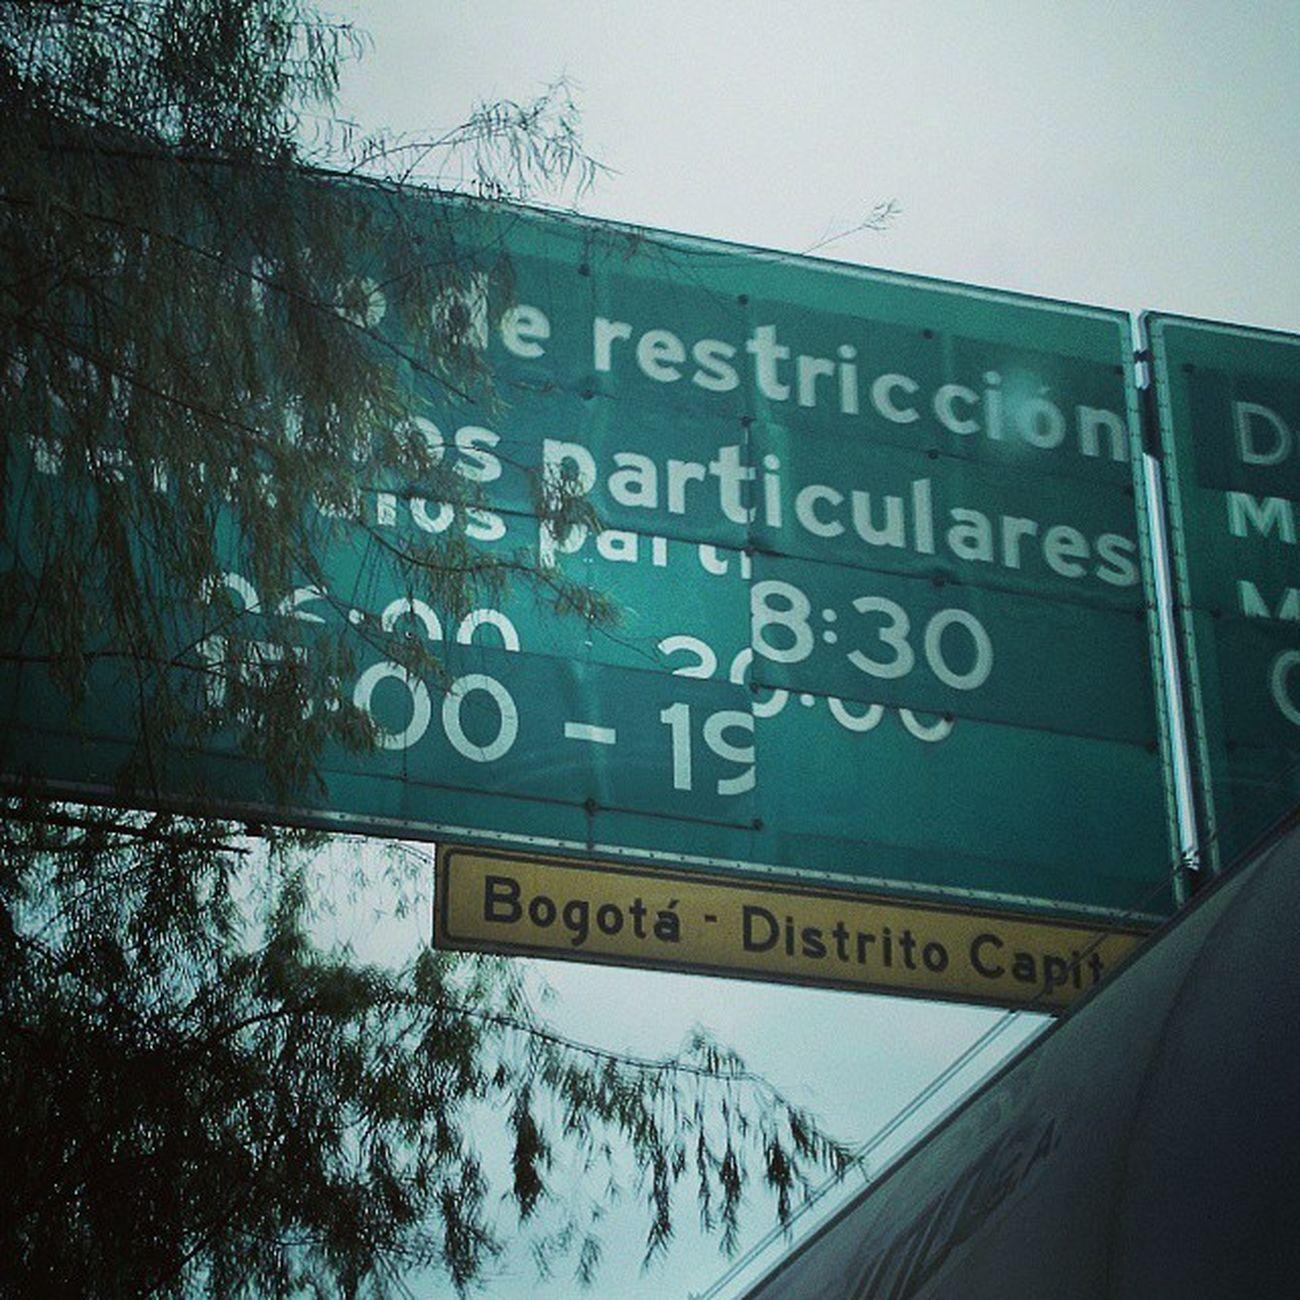 Bienvenidos a mi ciudad, bienvenidos a Bogotáfgdftbzdgk Eltranconmashijuemadre